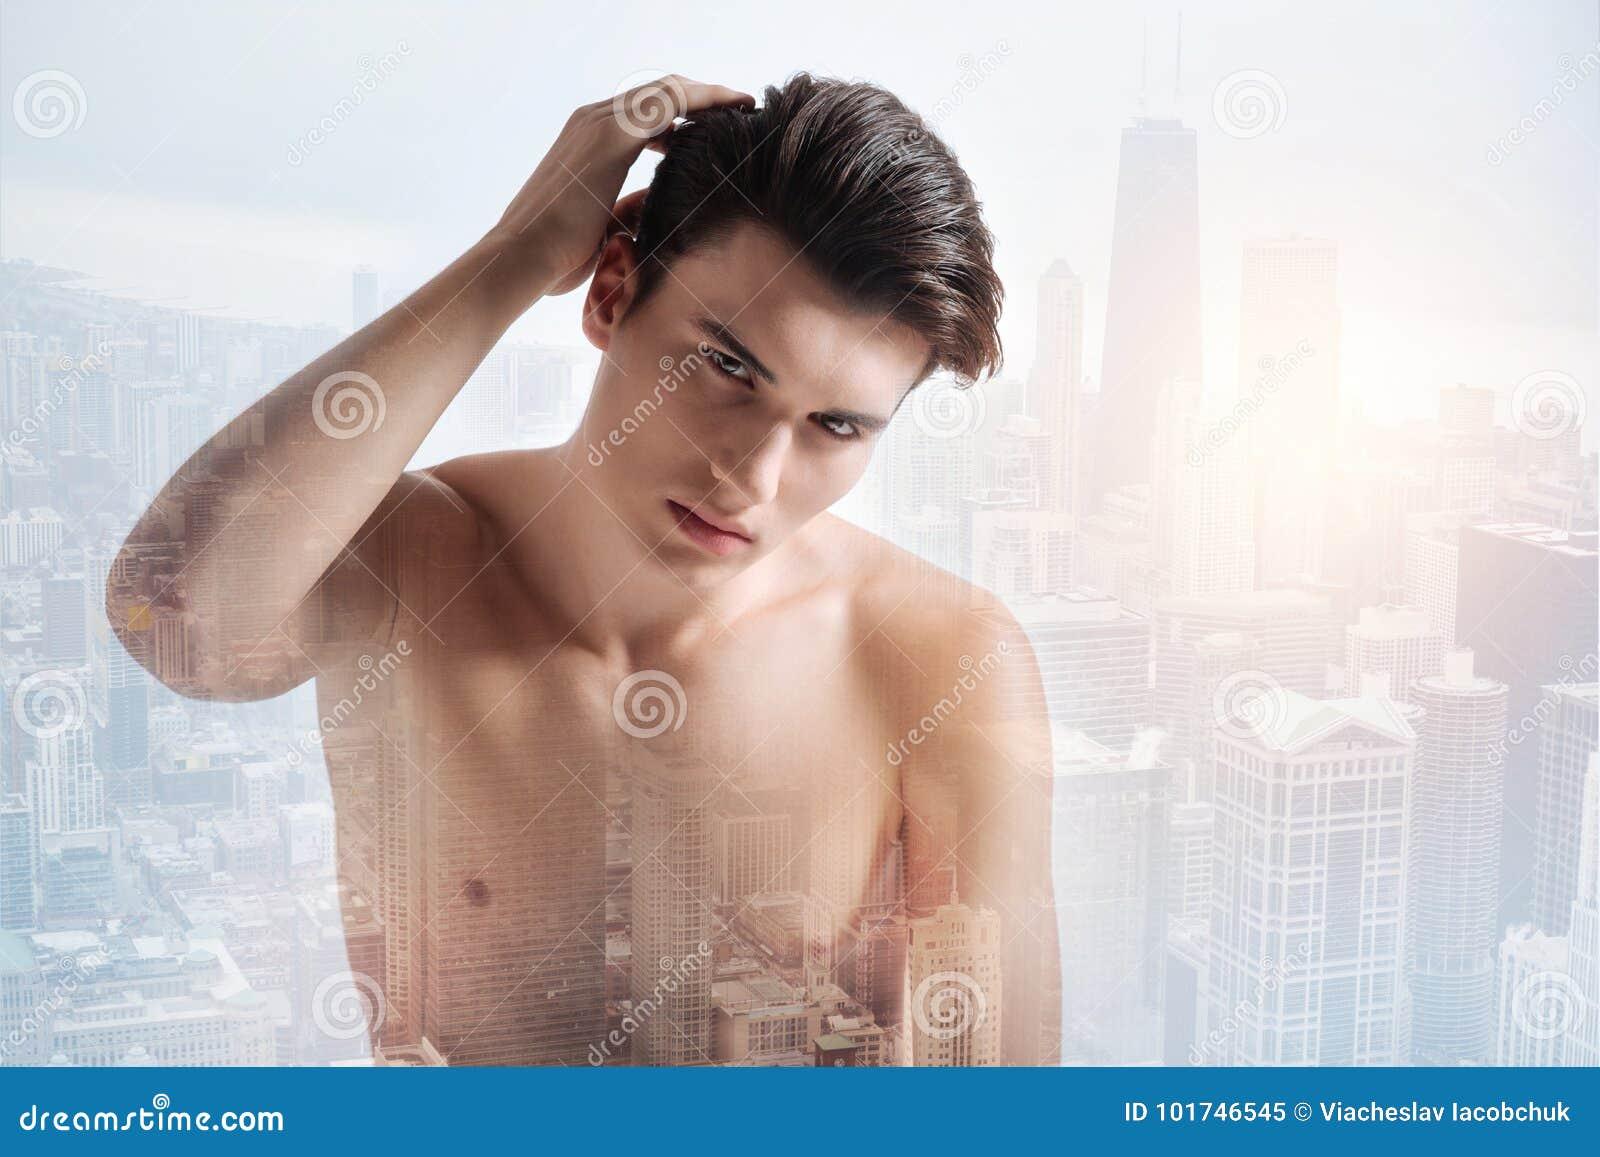 Immagini nudo adolescenti